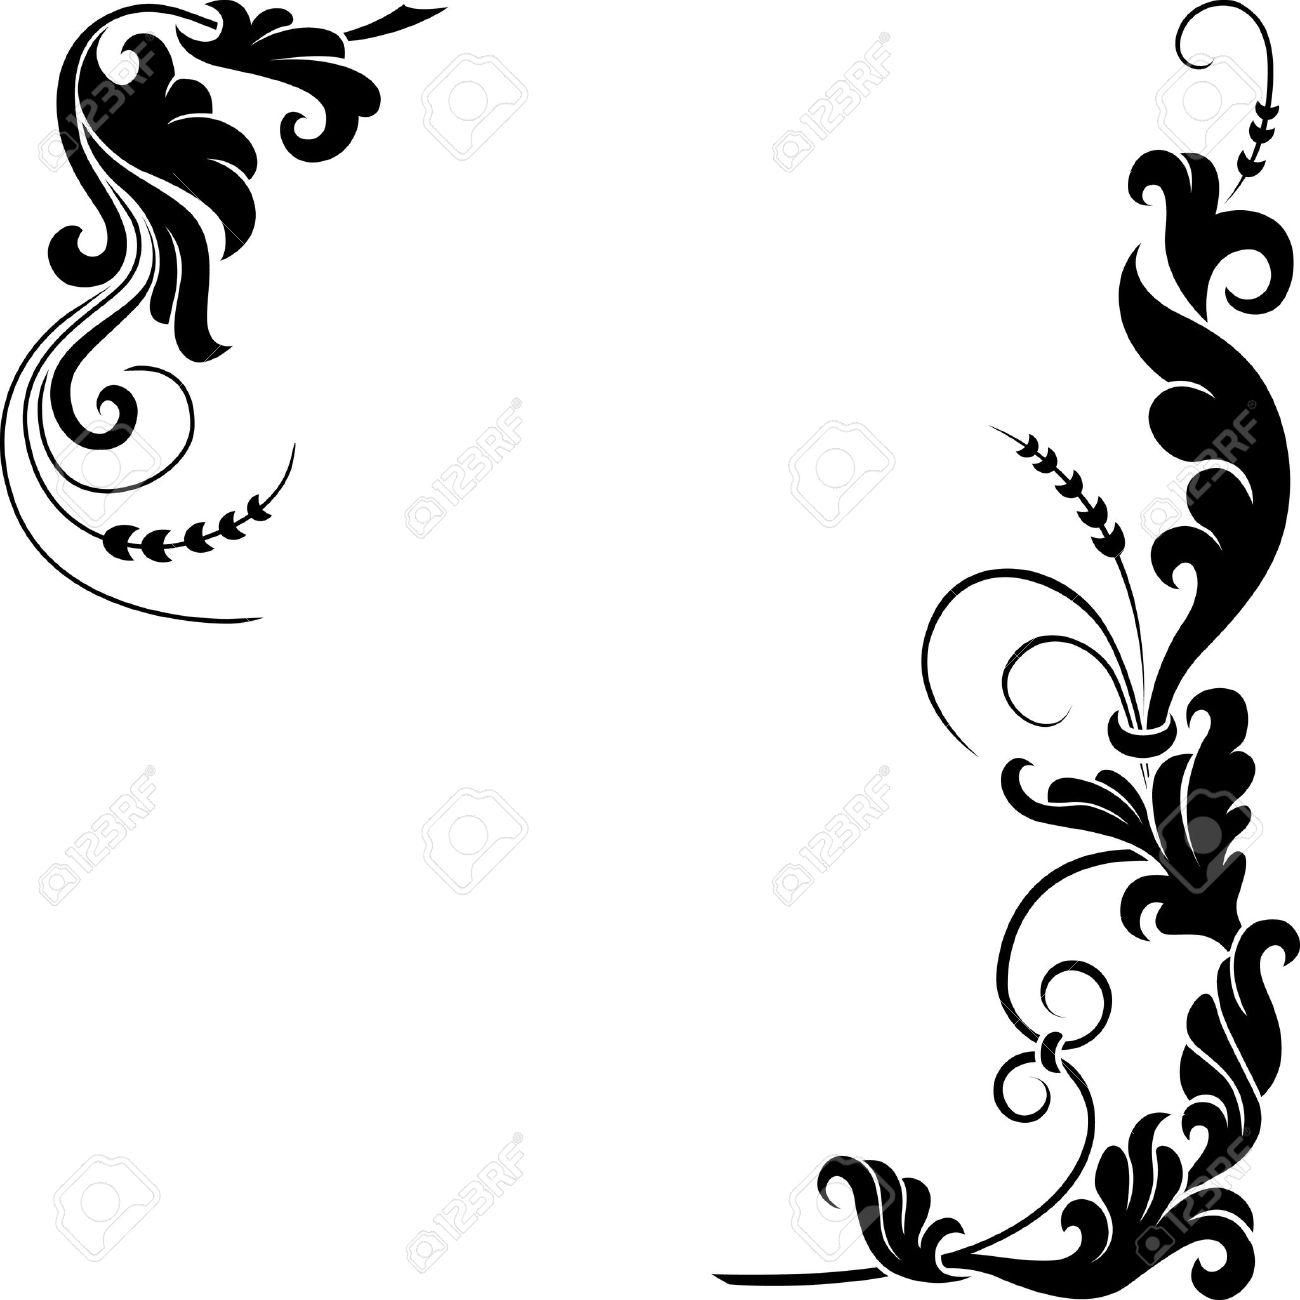 Decoro Floreale Stilizzato Idea Dimmagine Di Decorazione